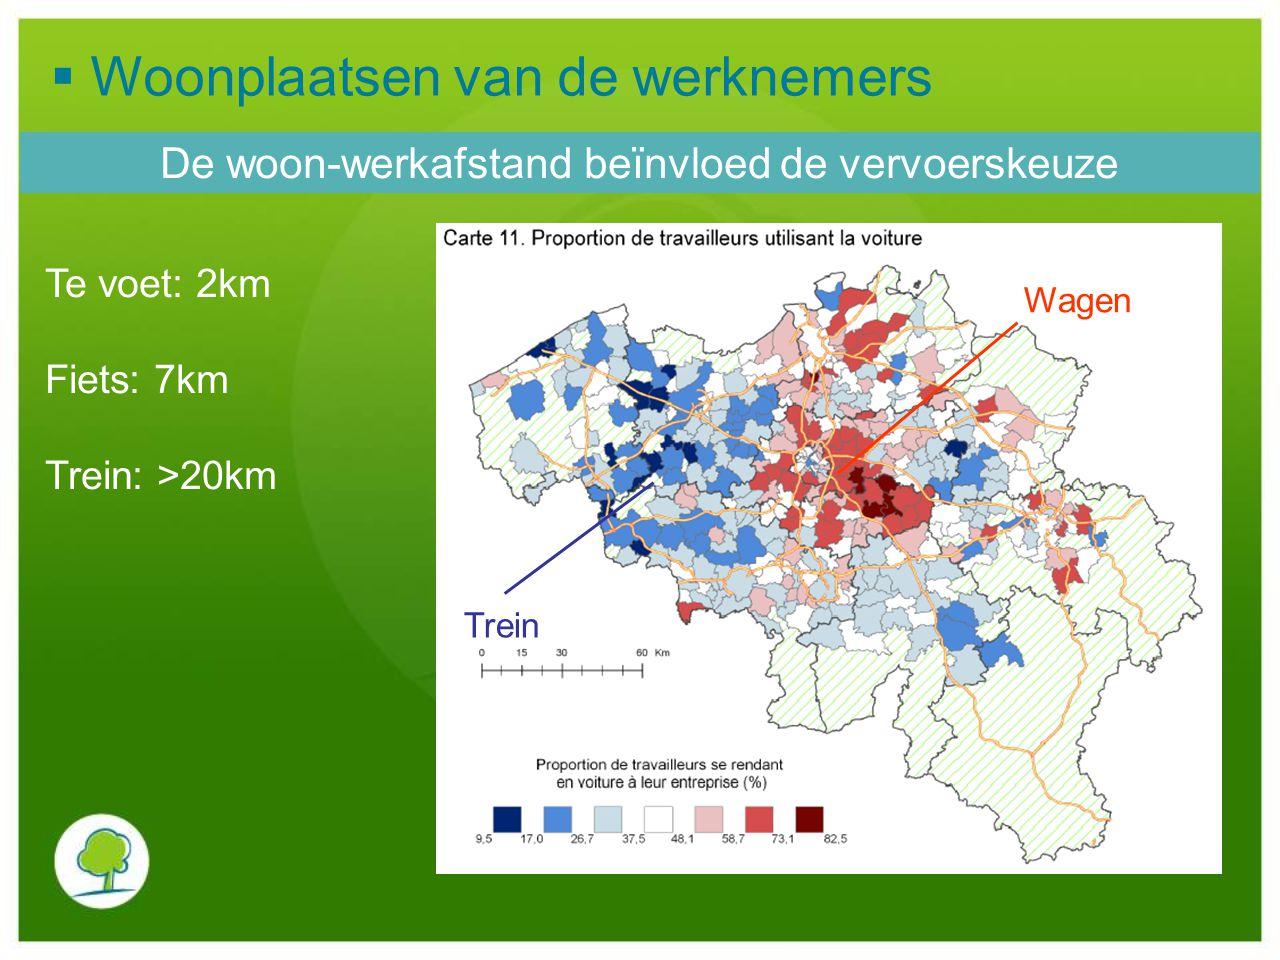 De woon-werkafstand beïnvloed de vervoerskeuze